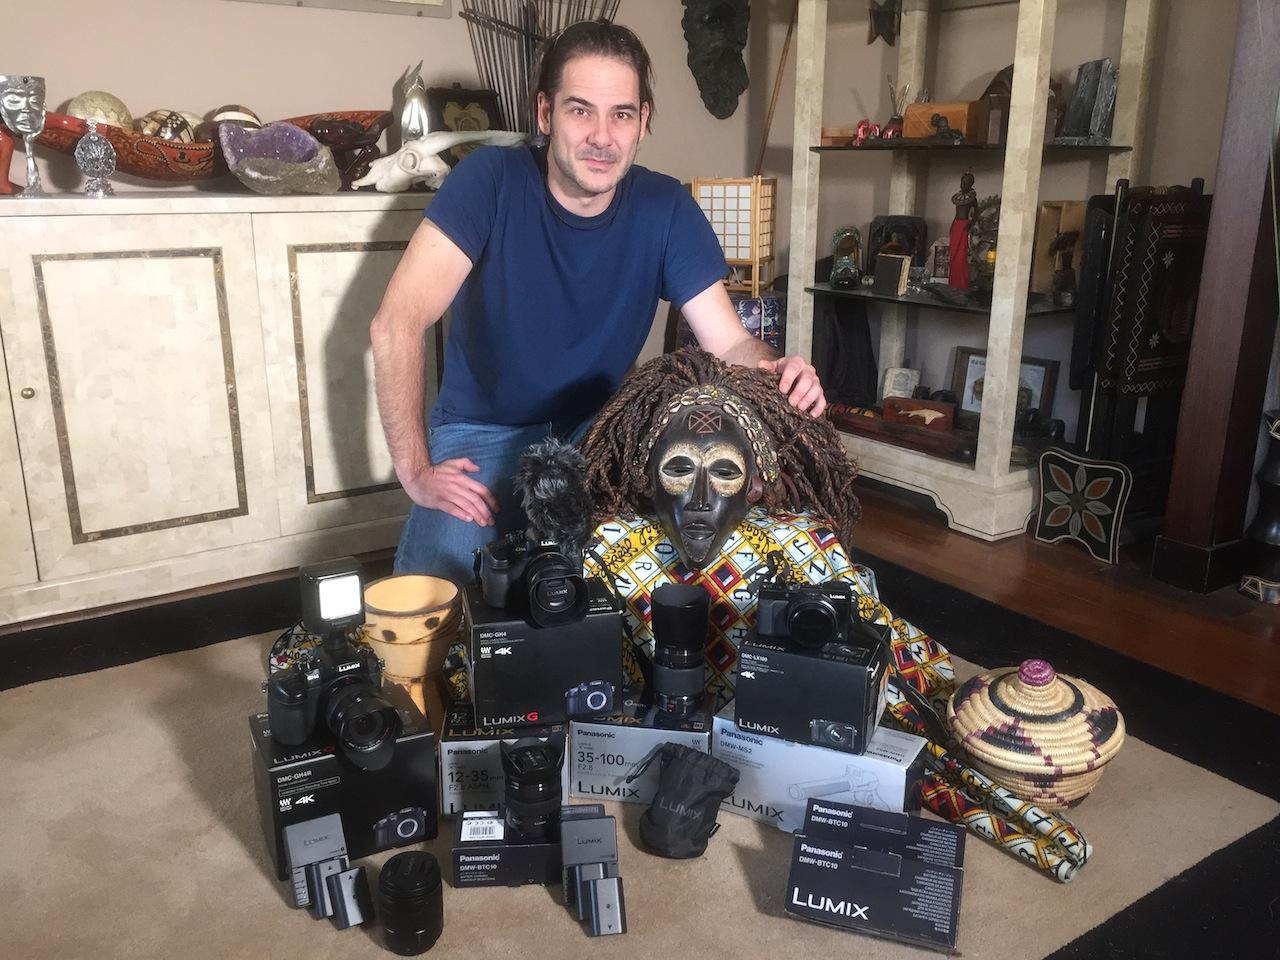 Material Panasonic José Antonio Ruiz